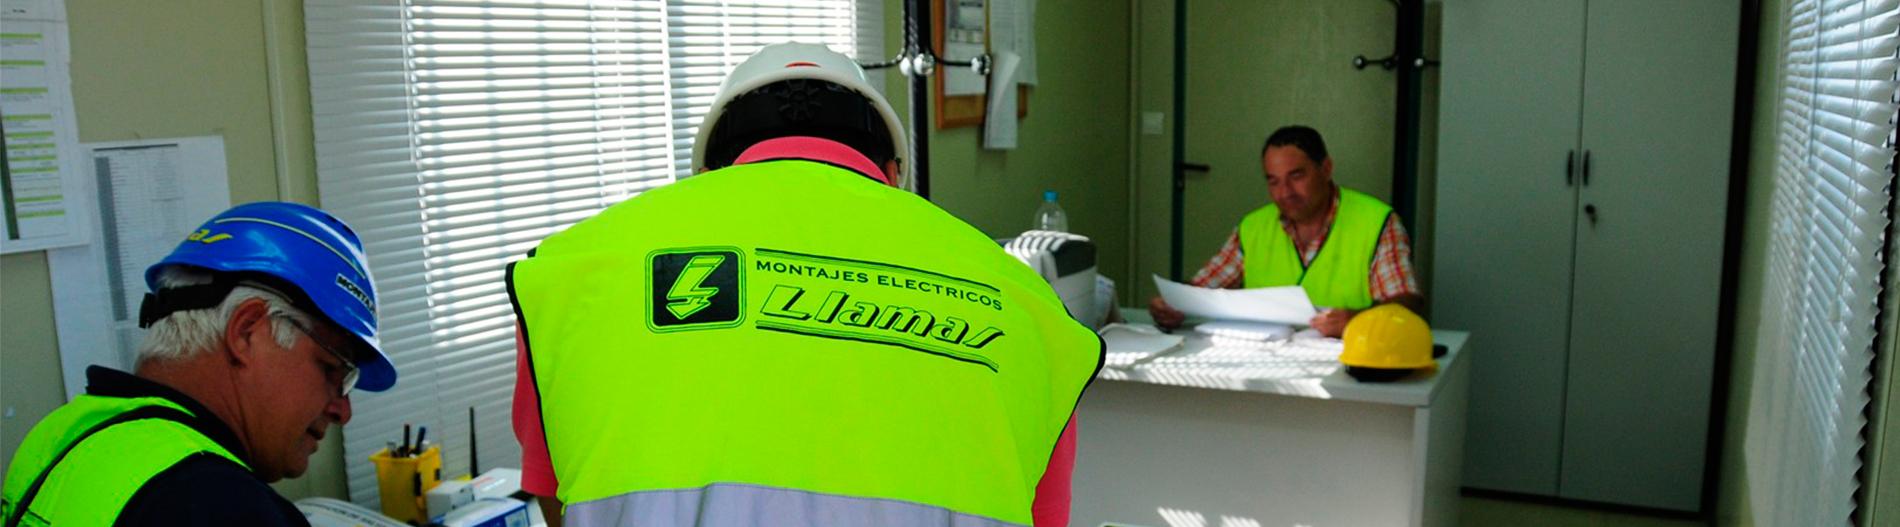 instalación y montaje de todo tipo de servicios eléctricos